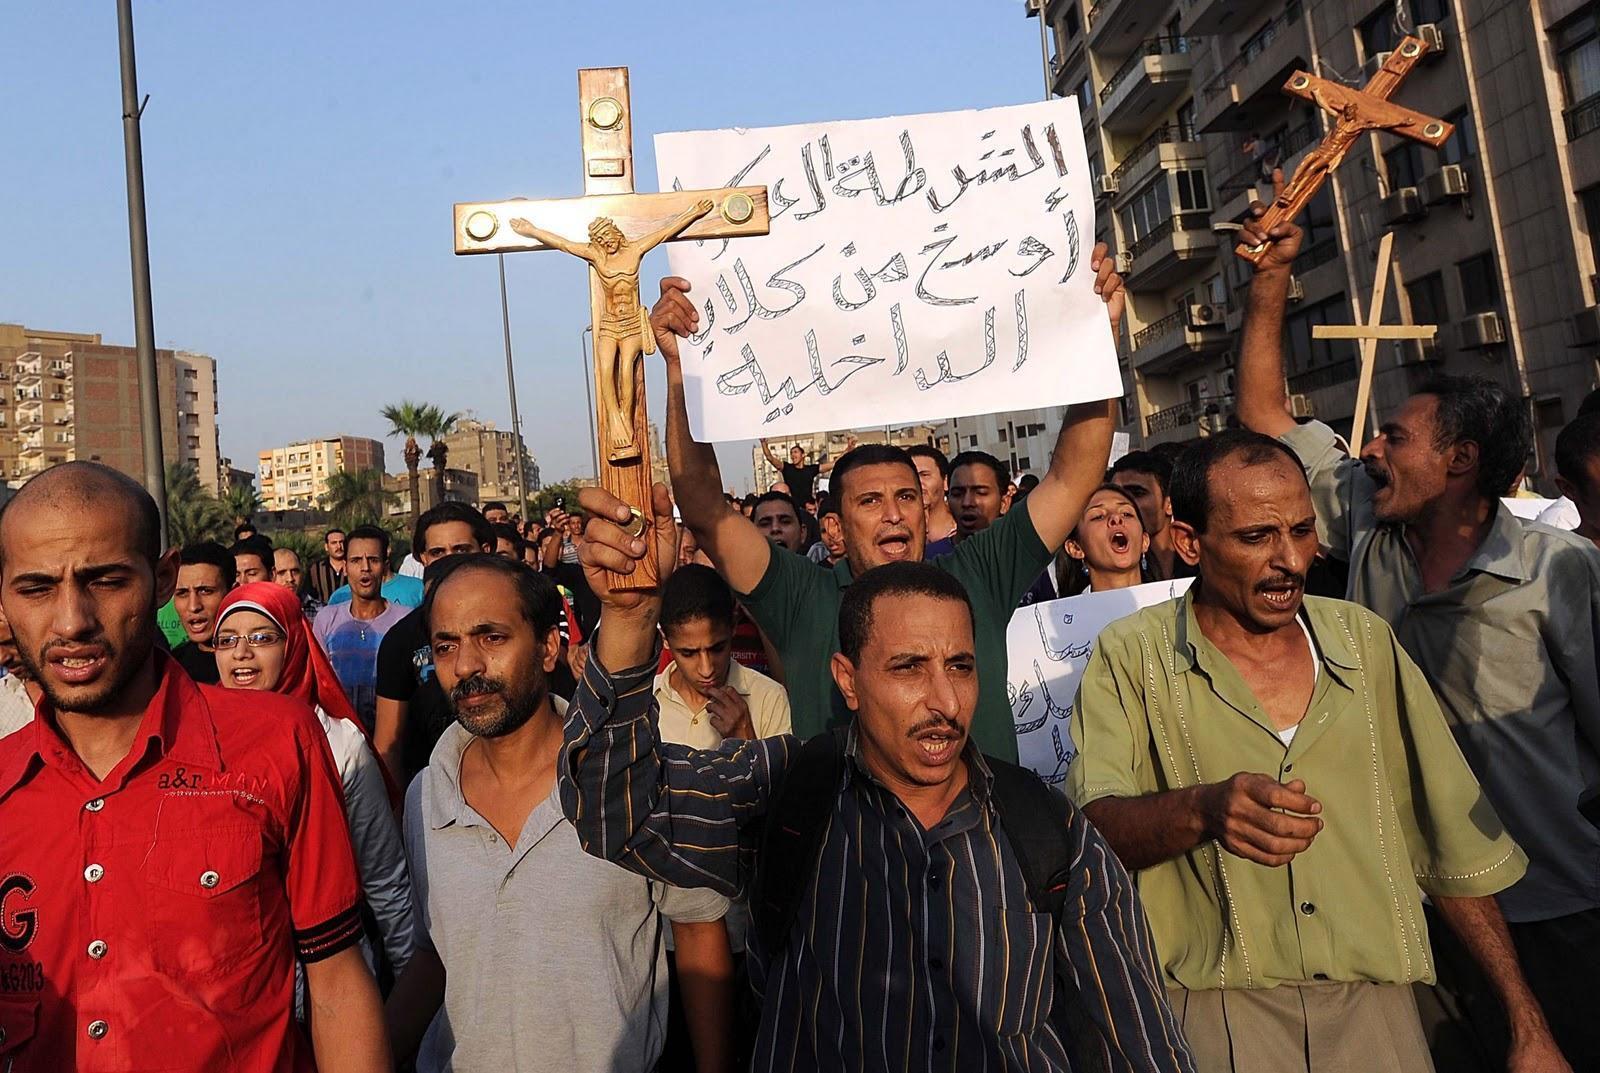 Creștinii din Orient, una dintre cele mai persecutate minorități din lume